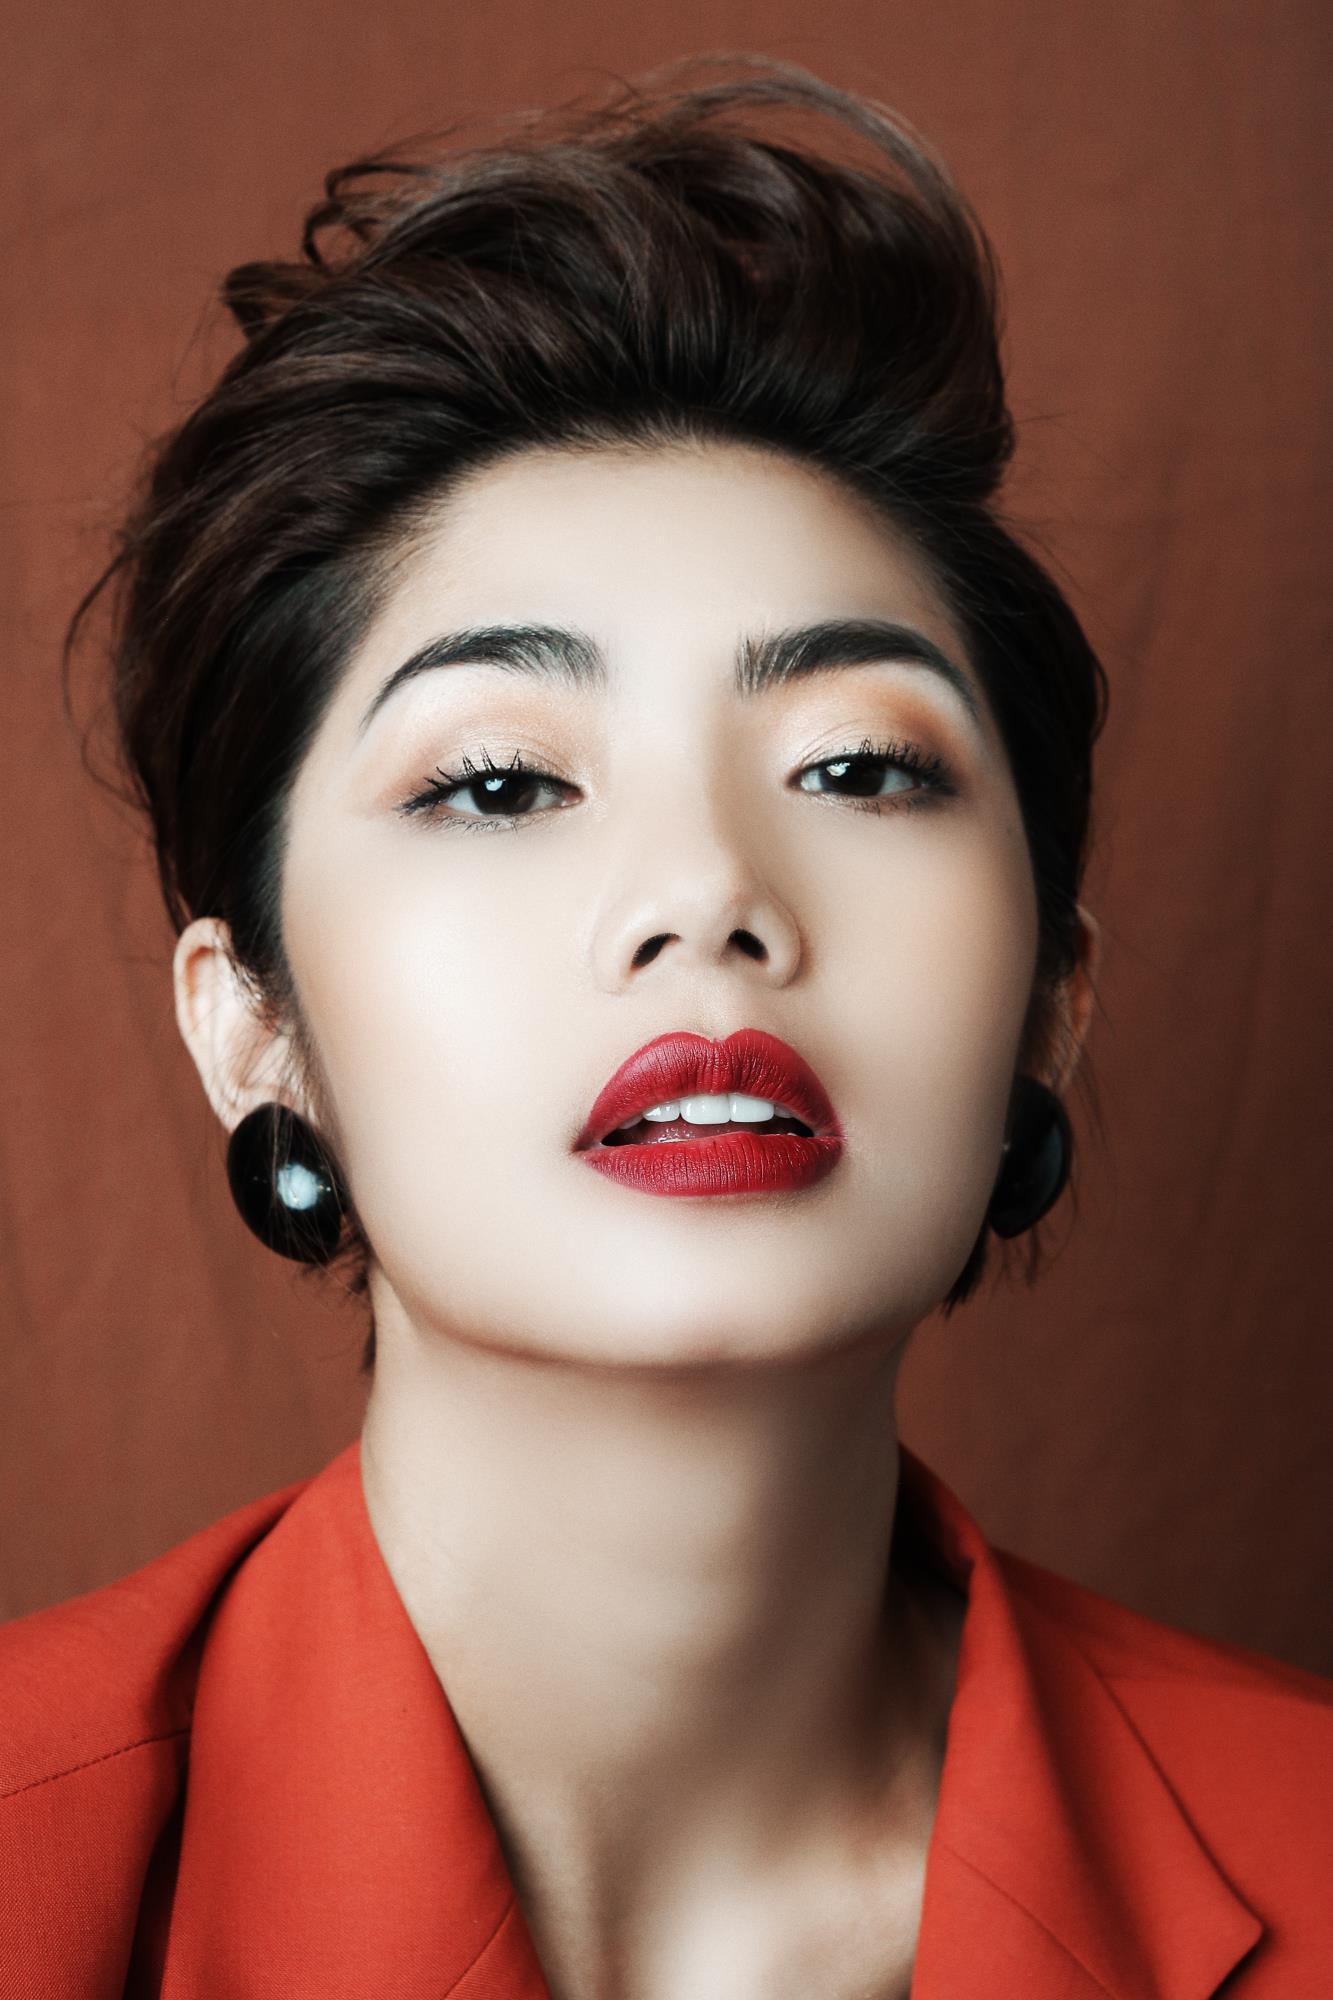 'Bạn gái cũ' của Karik – Đàm Phương Linh khoe vòng 1 'lấp ló' gợi cảm trong những thiết kế high fashion - Ảnh 3